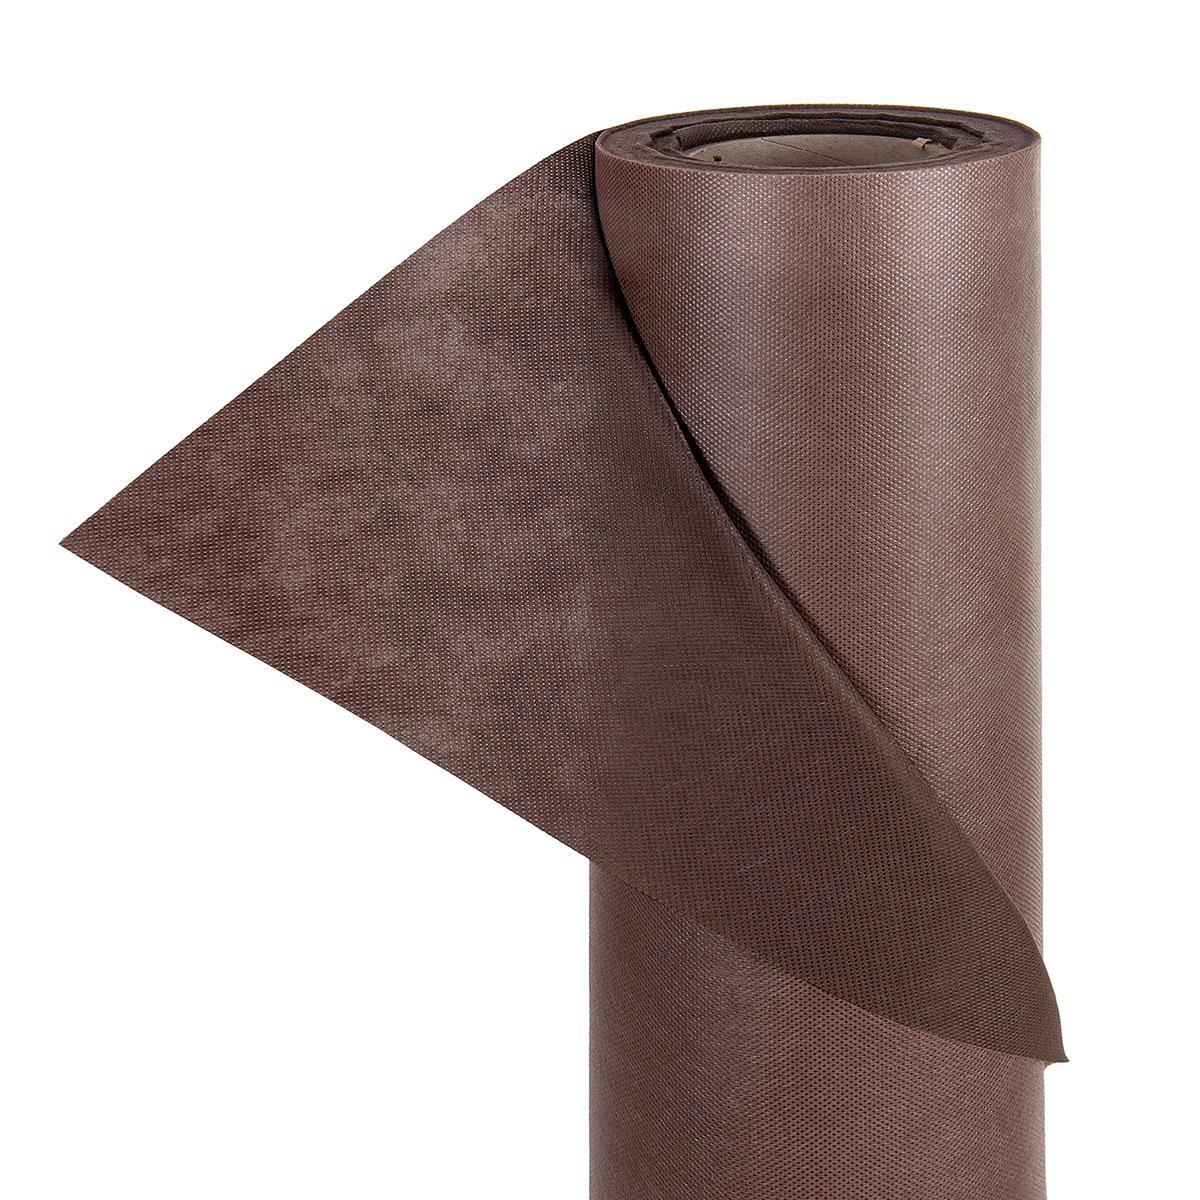 dekovlies in 1 6m breite braun meterware dekostoff tischdecke. Black Bedroom Furniture Sets. Home Design Ideas